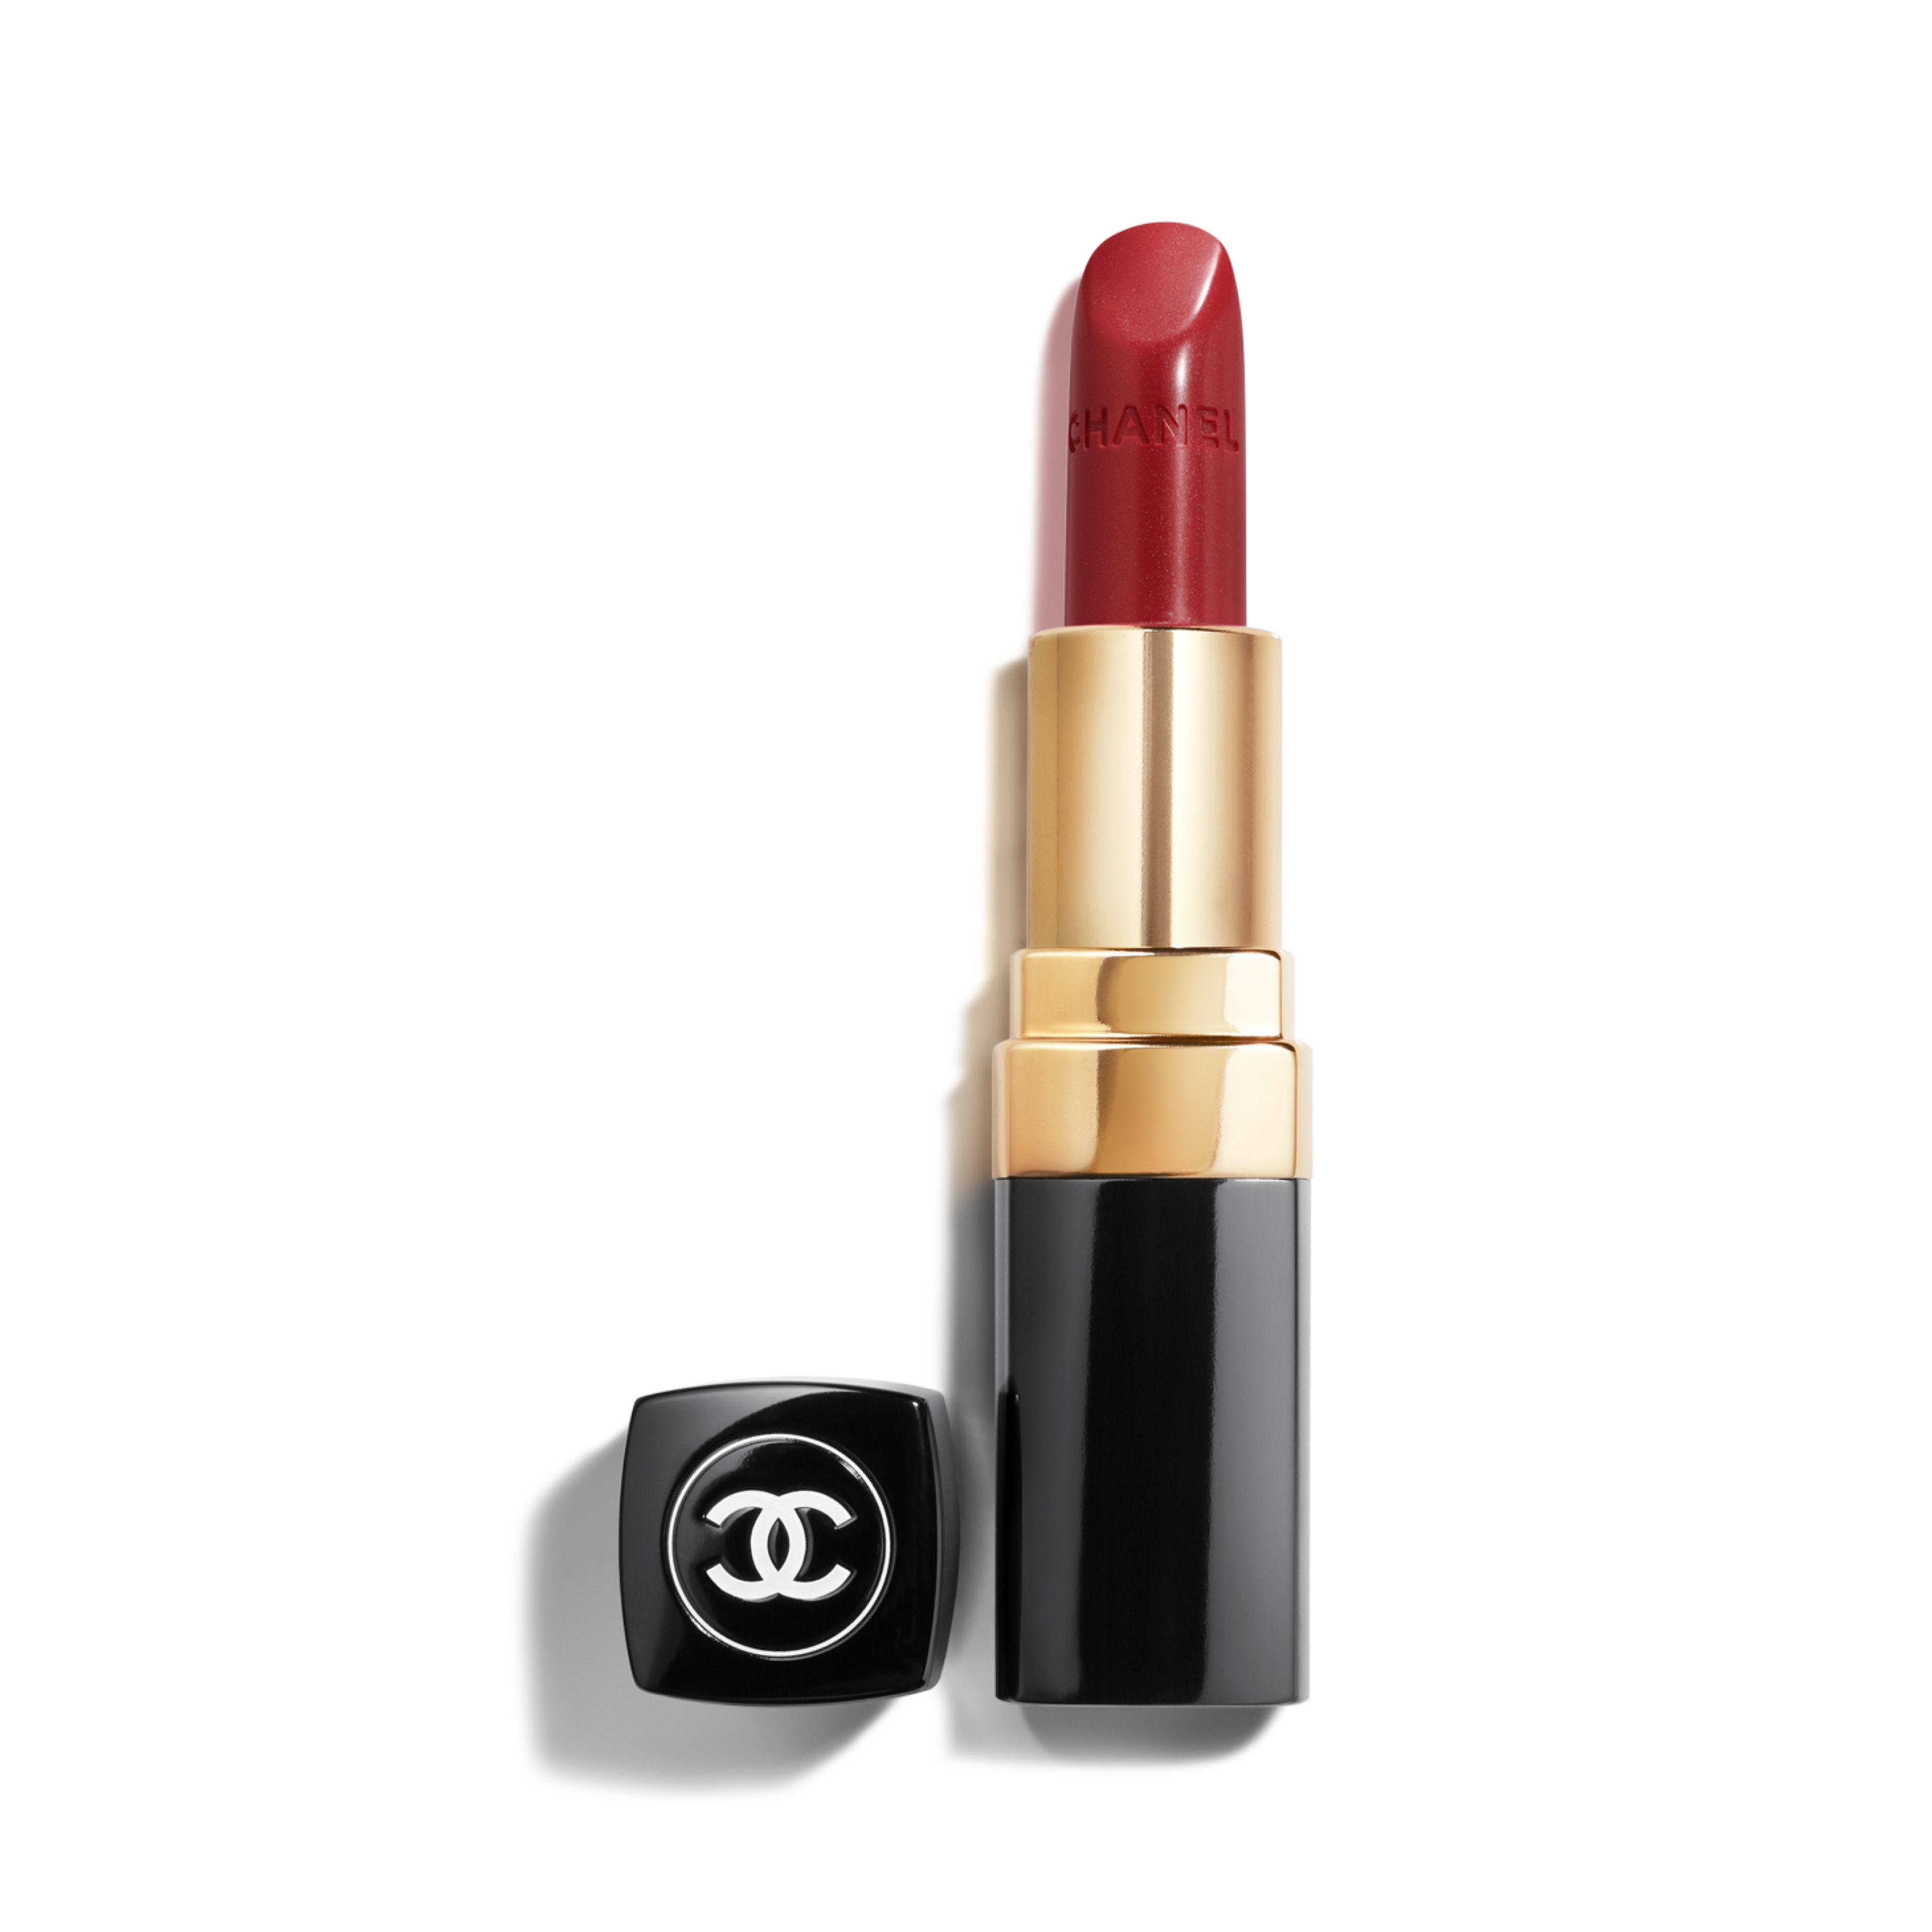 Coco Noir Eau De Parfum Spray Chanel